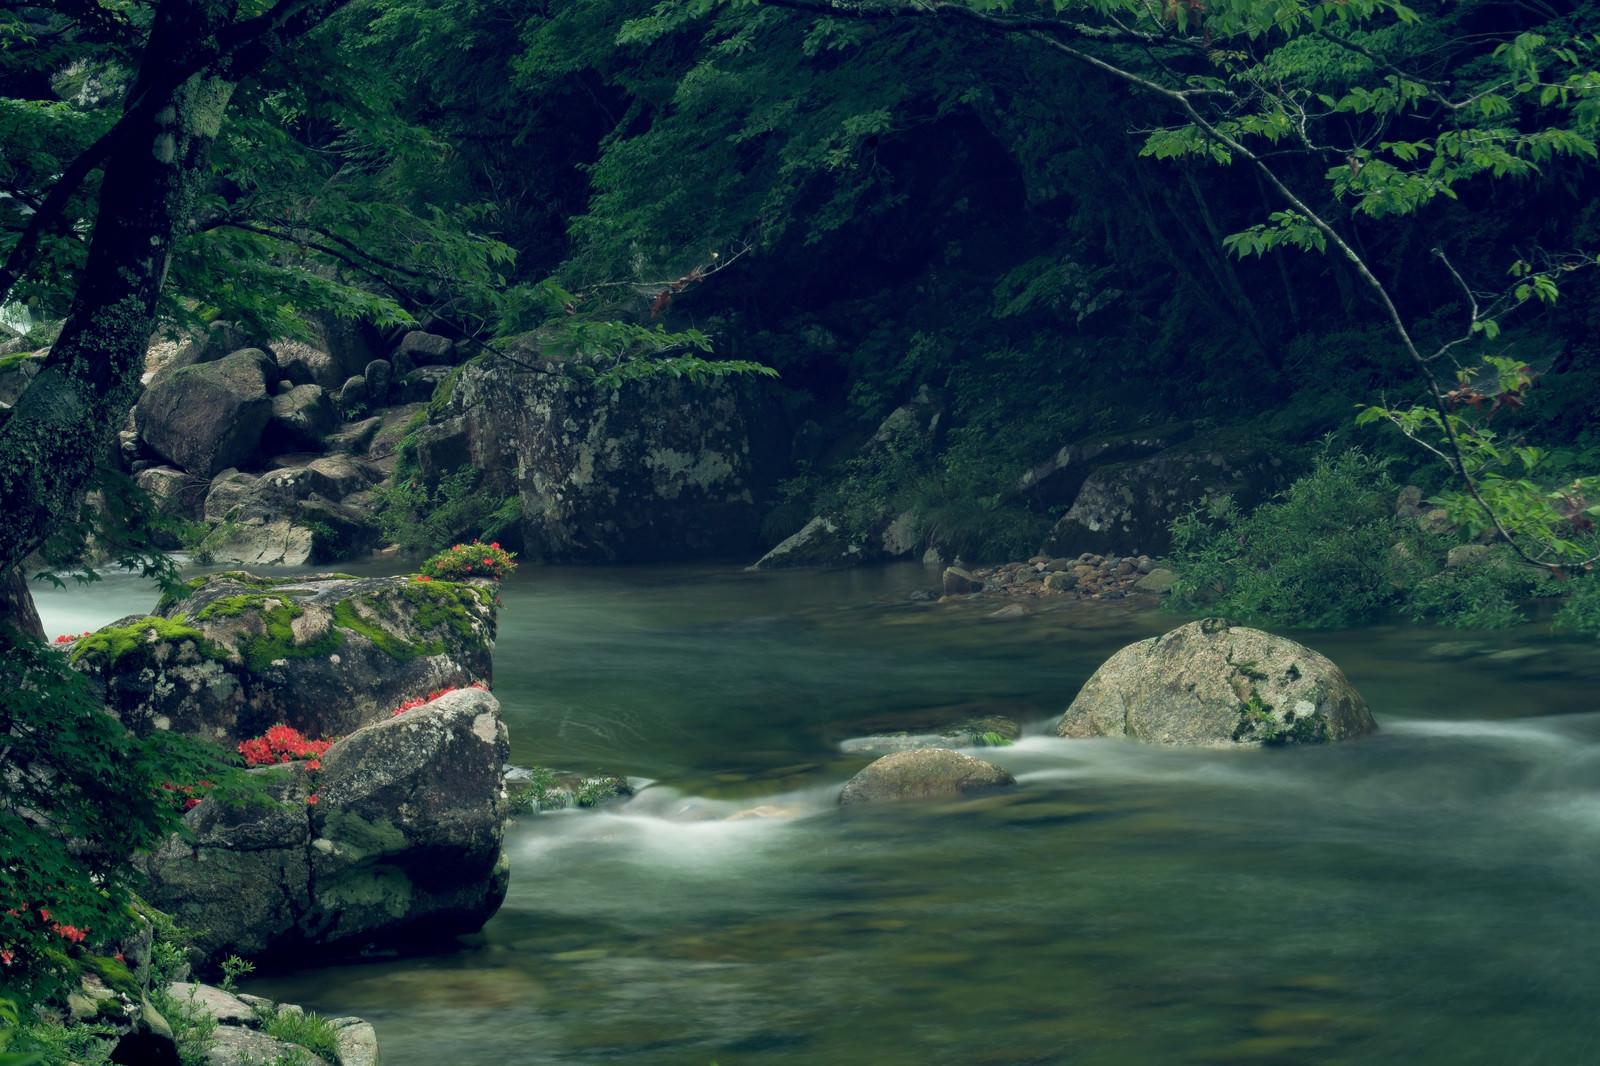 「小戸名渓谷の岩つつじ小戸名渓谷の岩つつじ」のフリー写真素材を拡大